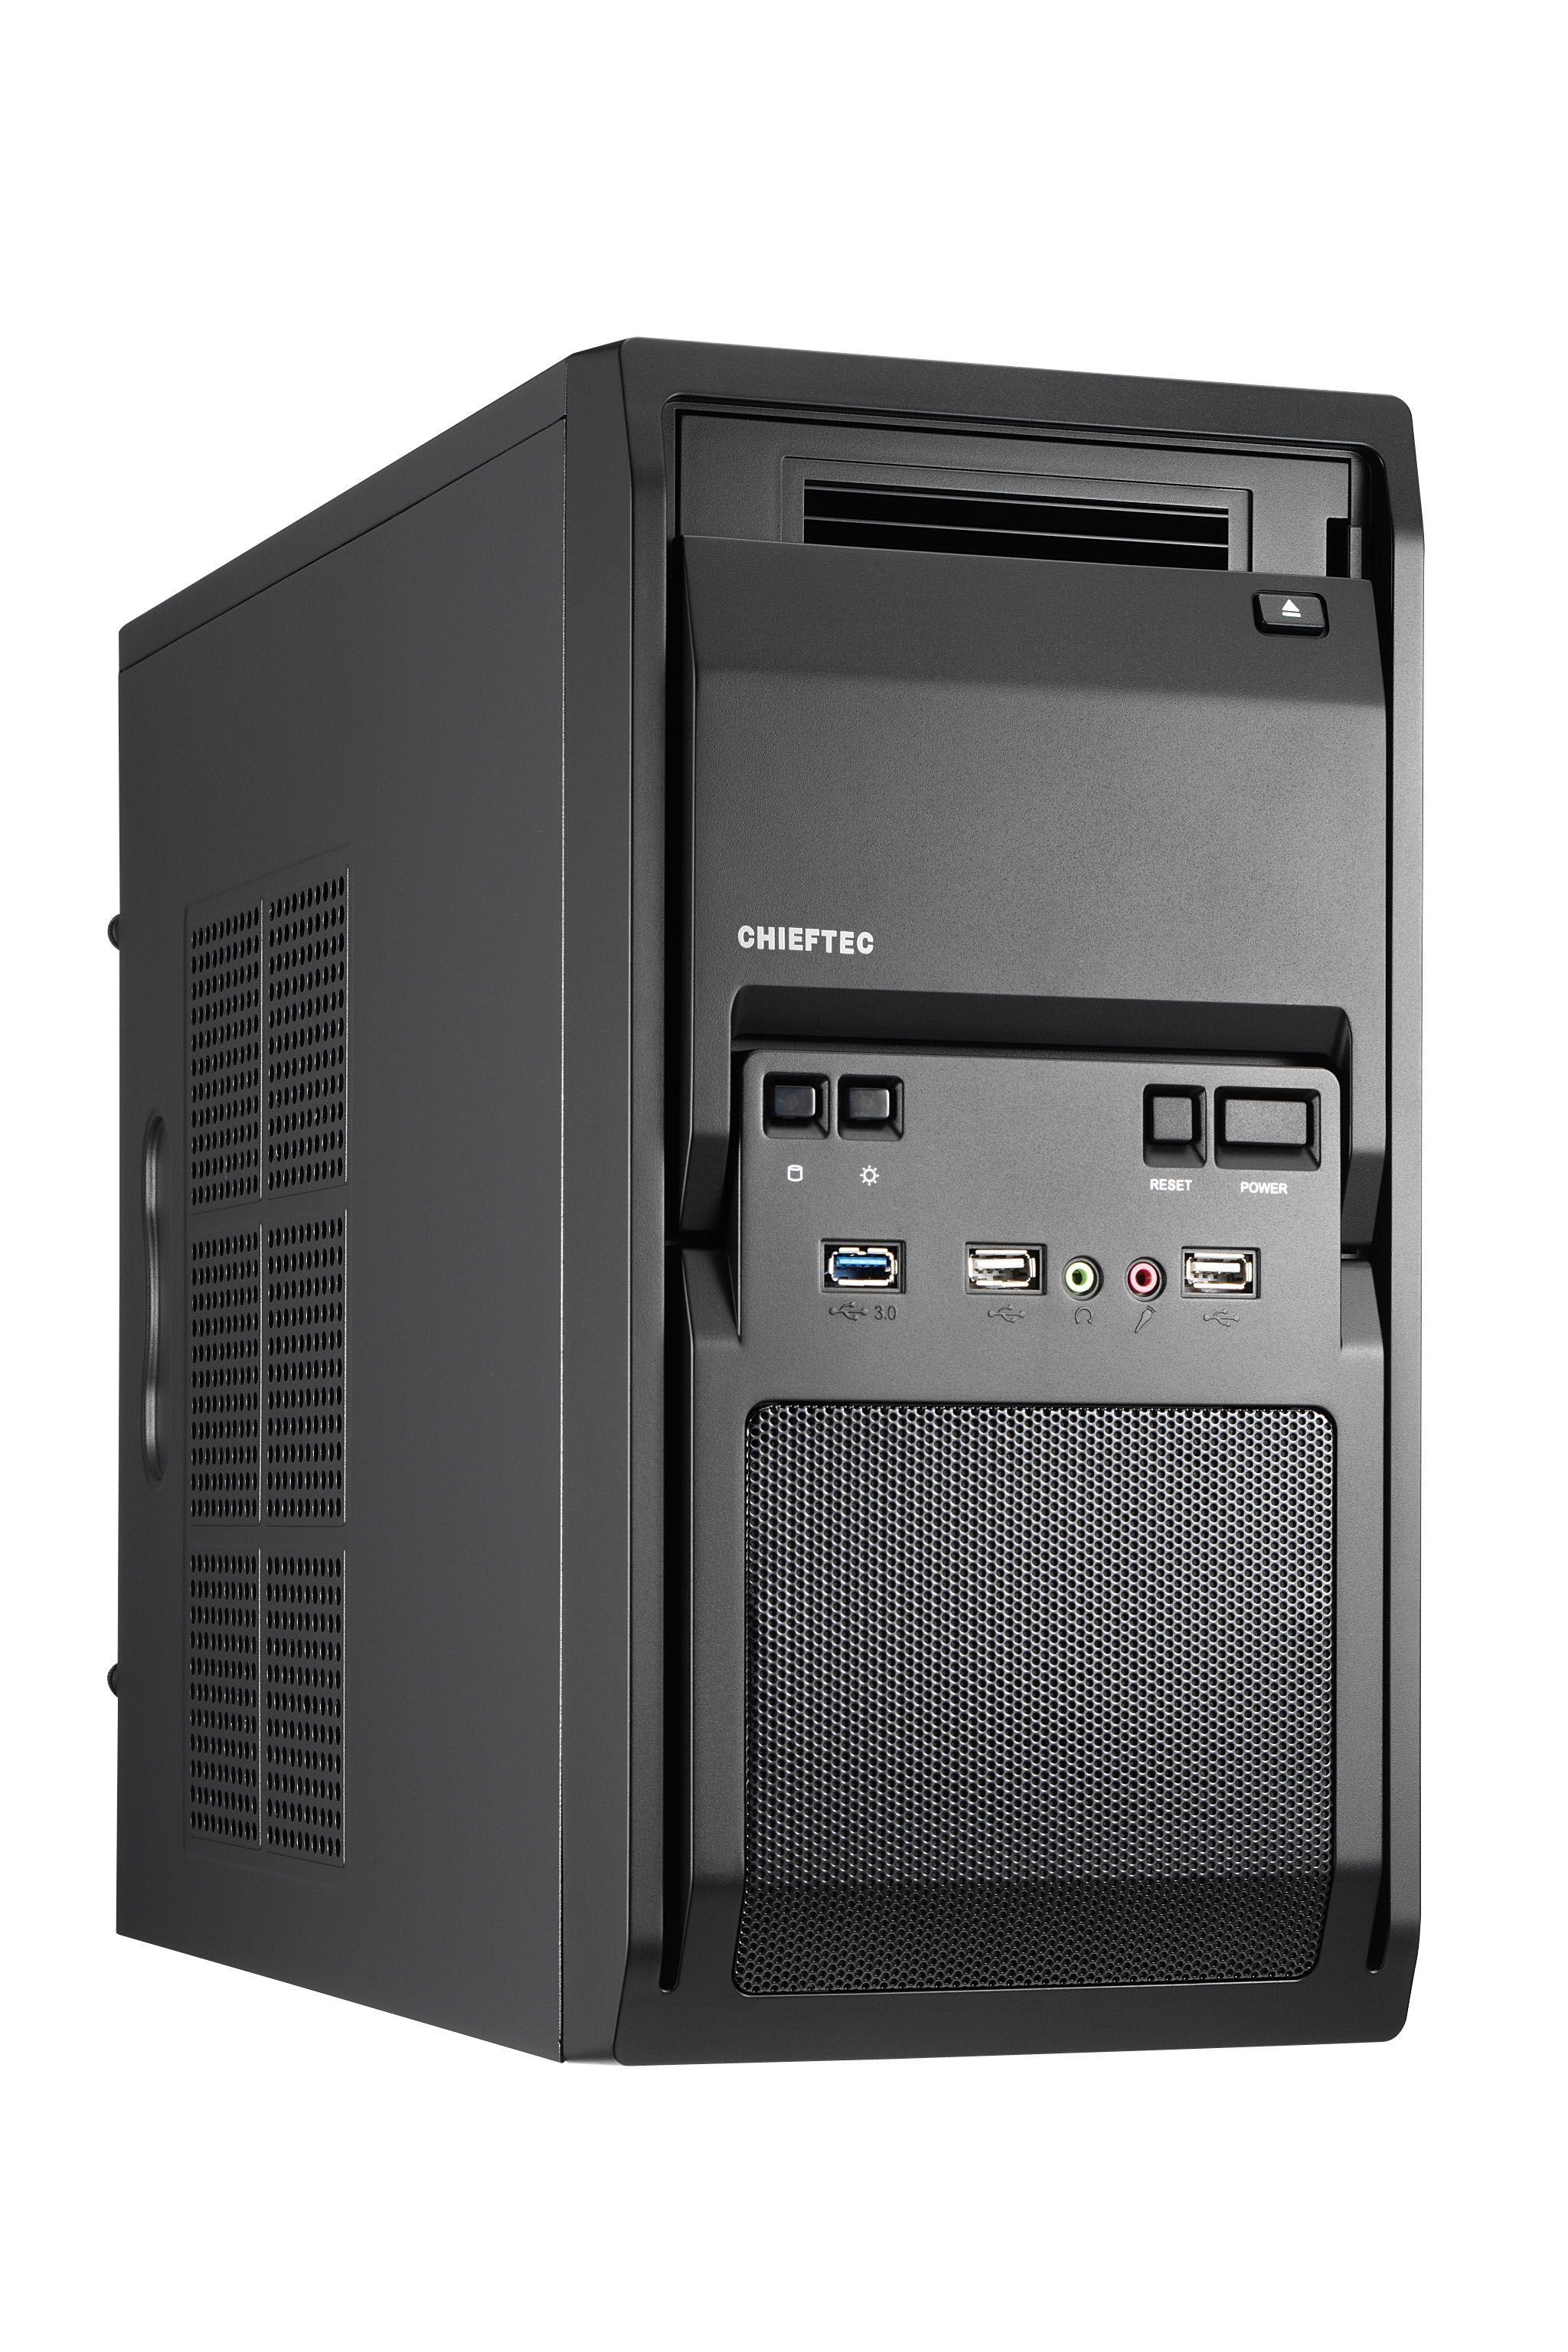 Chieftec LT-01B-350GPB computerbehuizing Mini Tower Zwart 250 W